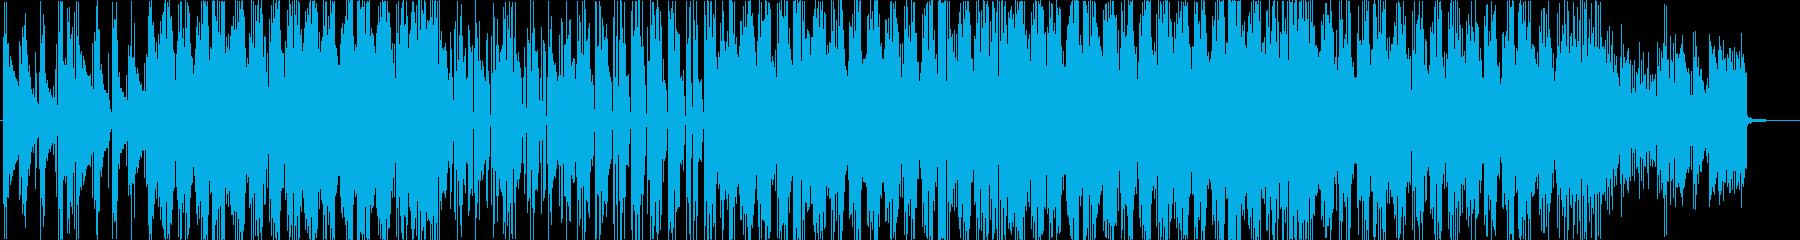 アコギのアルペジオが特徴の切ない系BGMの再生済みの波形